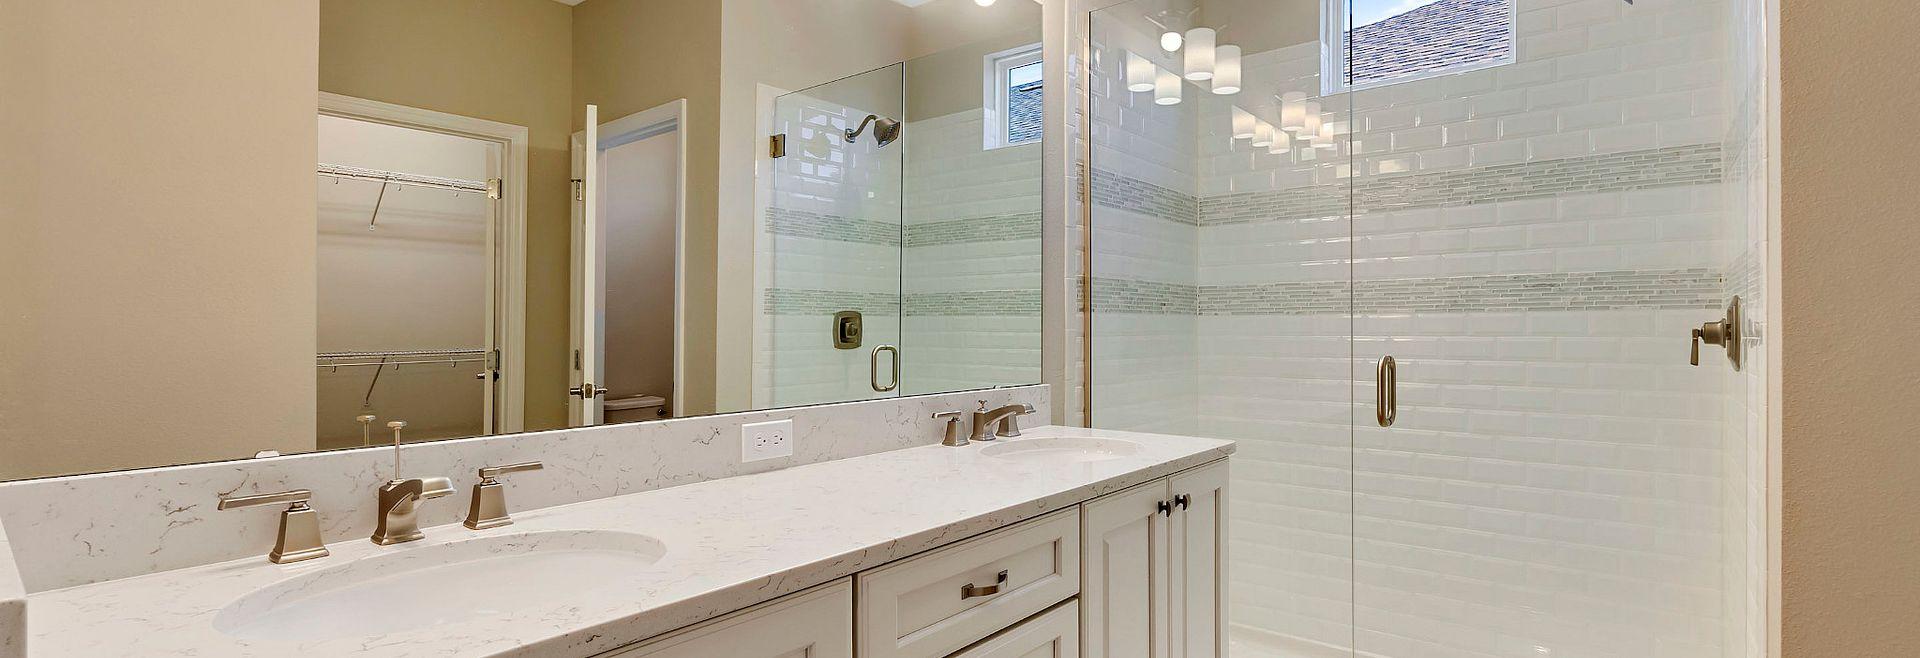 Trilogy Orlando Capri Plan Quick Move In Master Bath